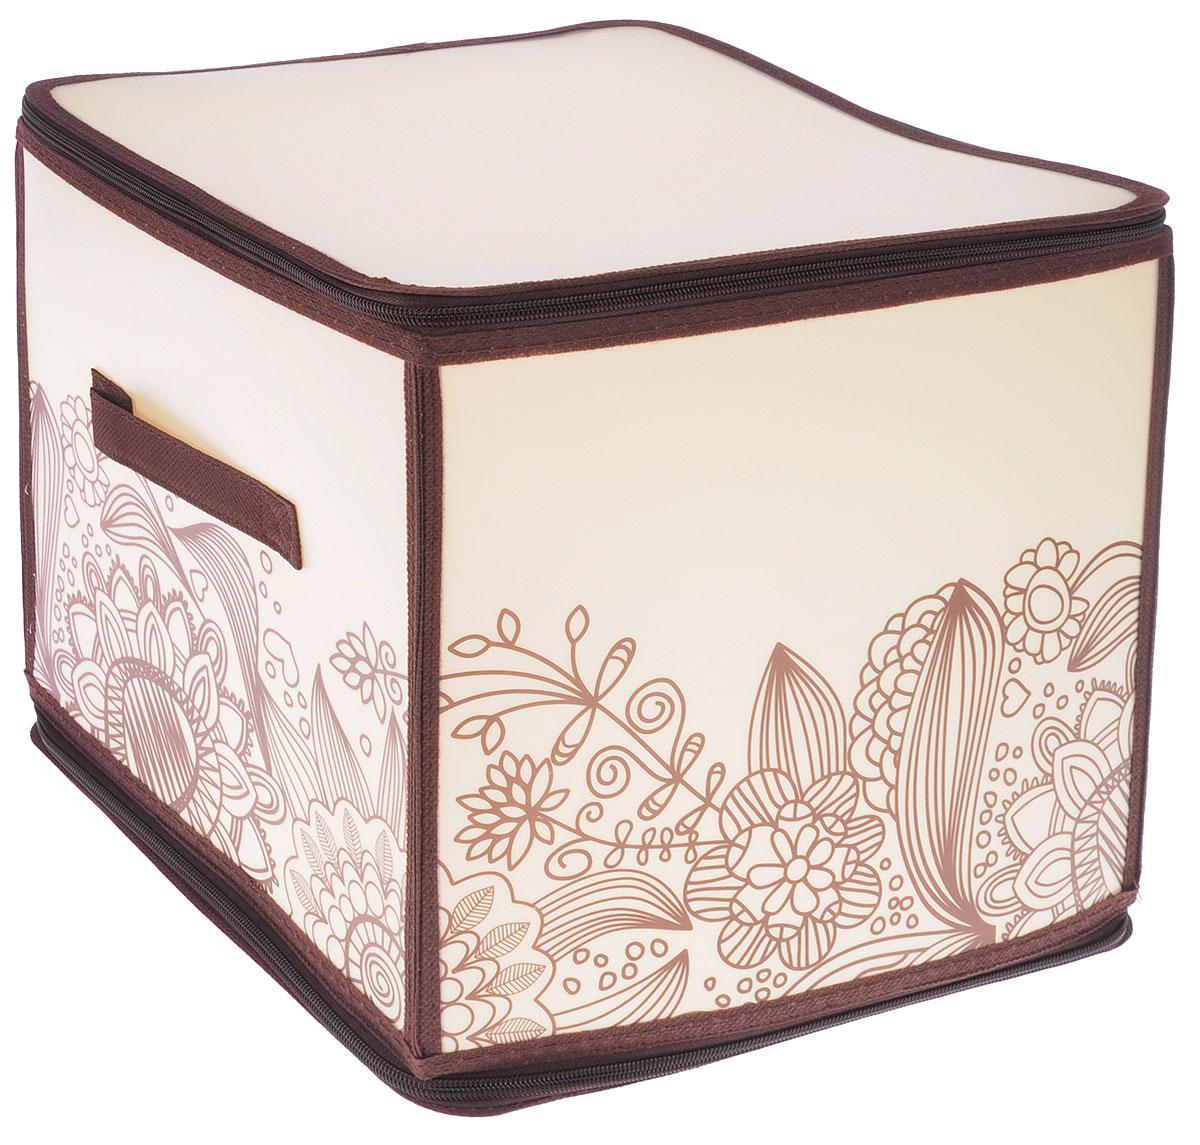 Коробка для хранения Handy Home Цветы, складная, 30 х 30 х 30 смESH03 SLКоробка для хранения Handy Home Лето изготовлена из полипропилена и оформлена оригинальным принтом. Изделие легко и быстро складывается. Коробка закрывается с помощью молнии и может вмешать в себя любые бытовые вещи и обувь. Изделие дополнено ручкой для удобства переноски. Размеры коробки в сложенном виде: 30 х 30 х 2 см